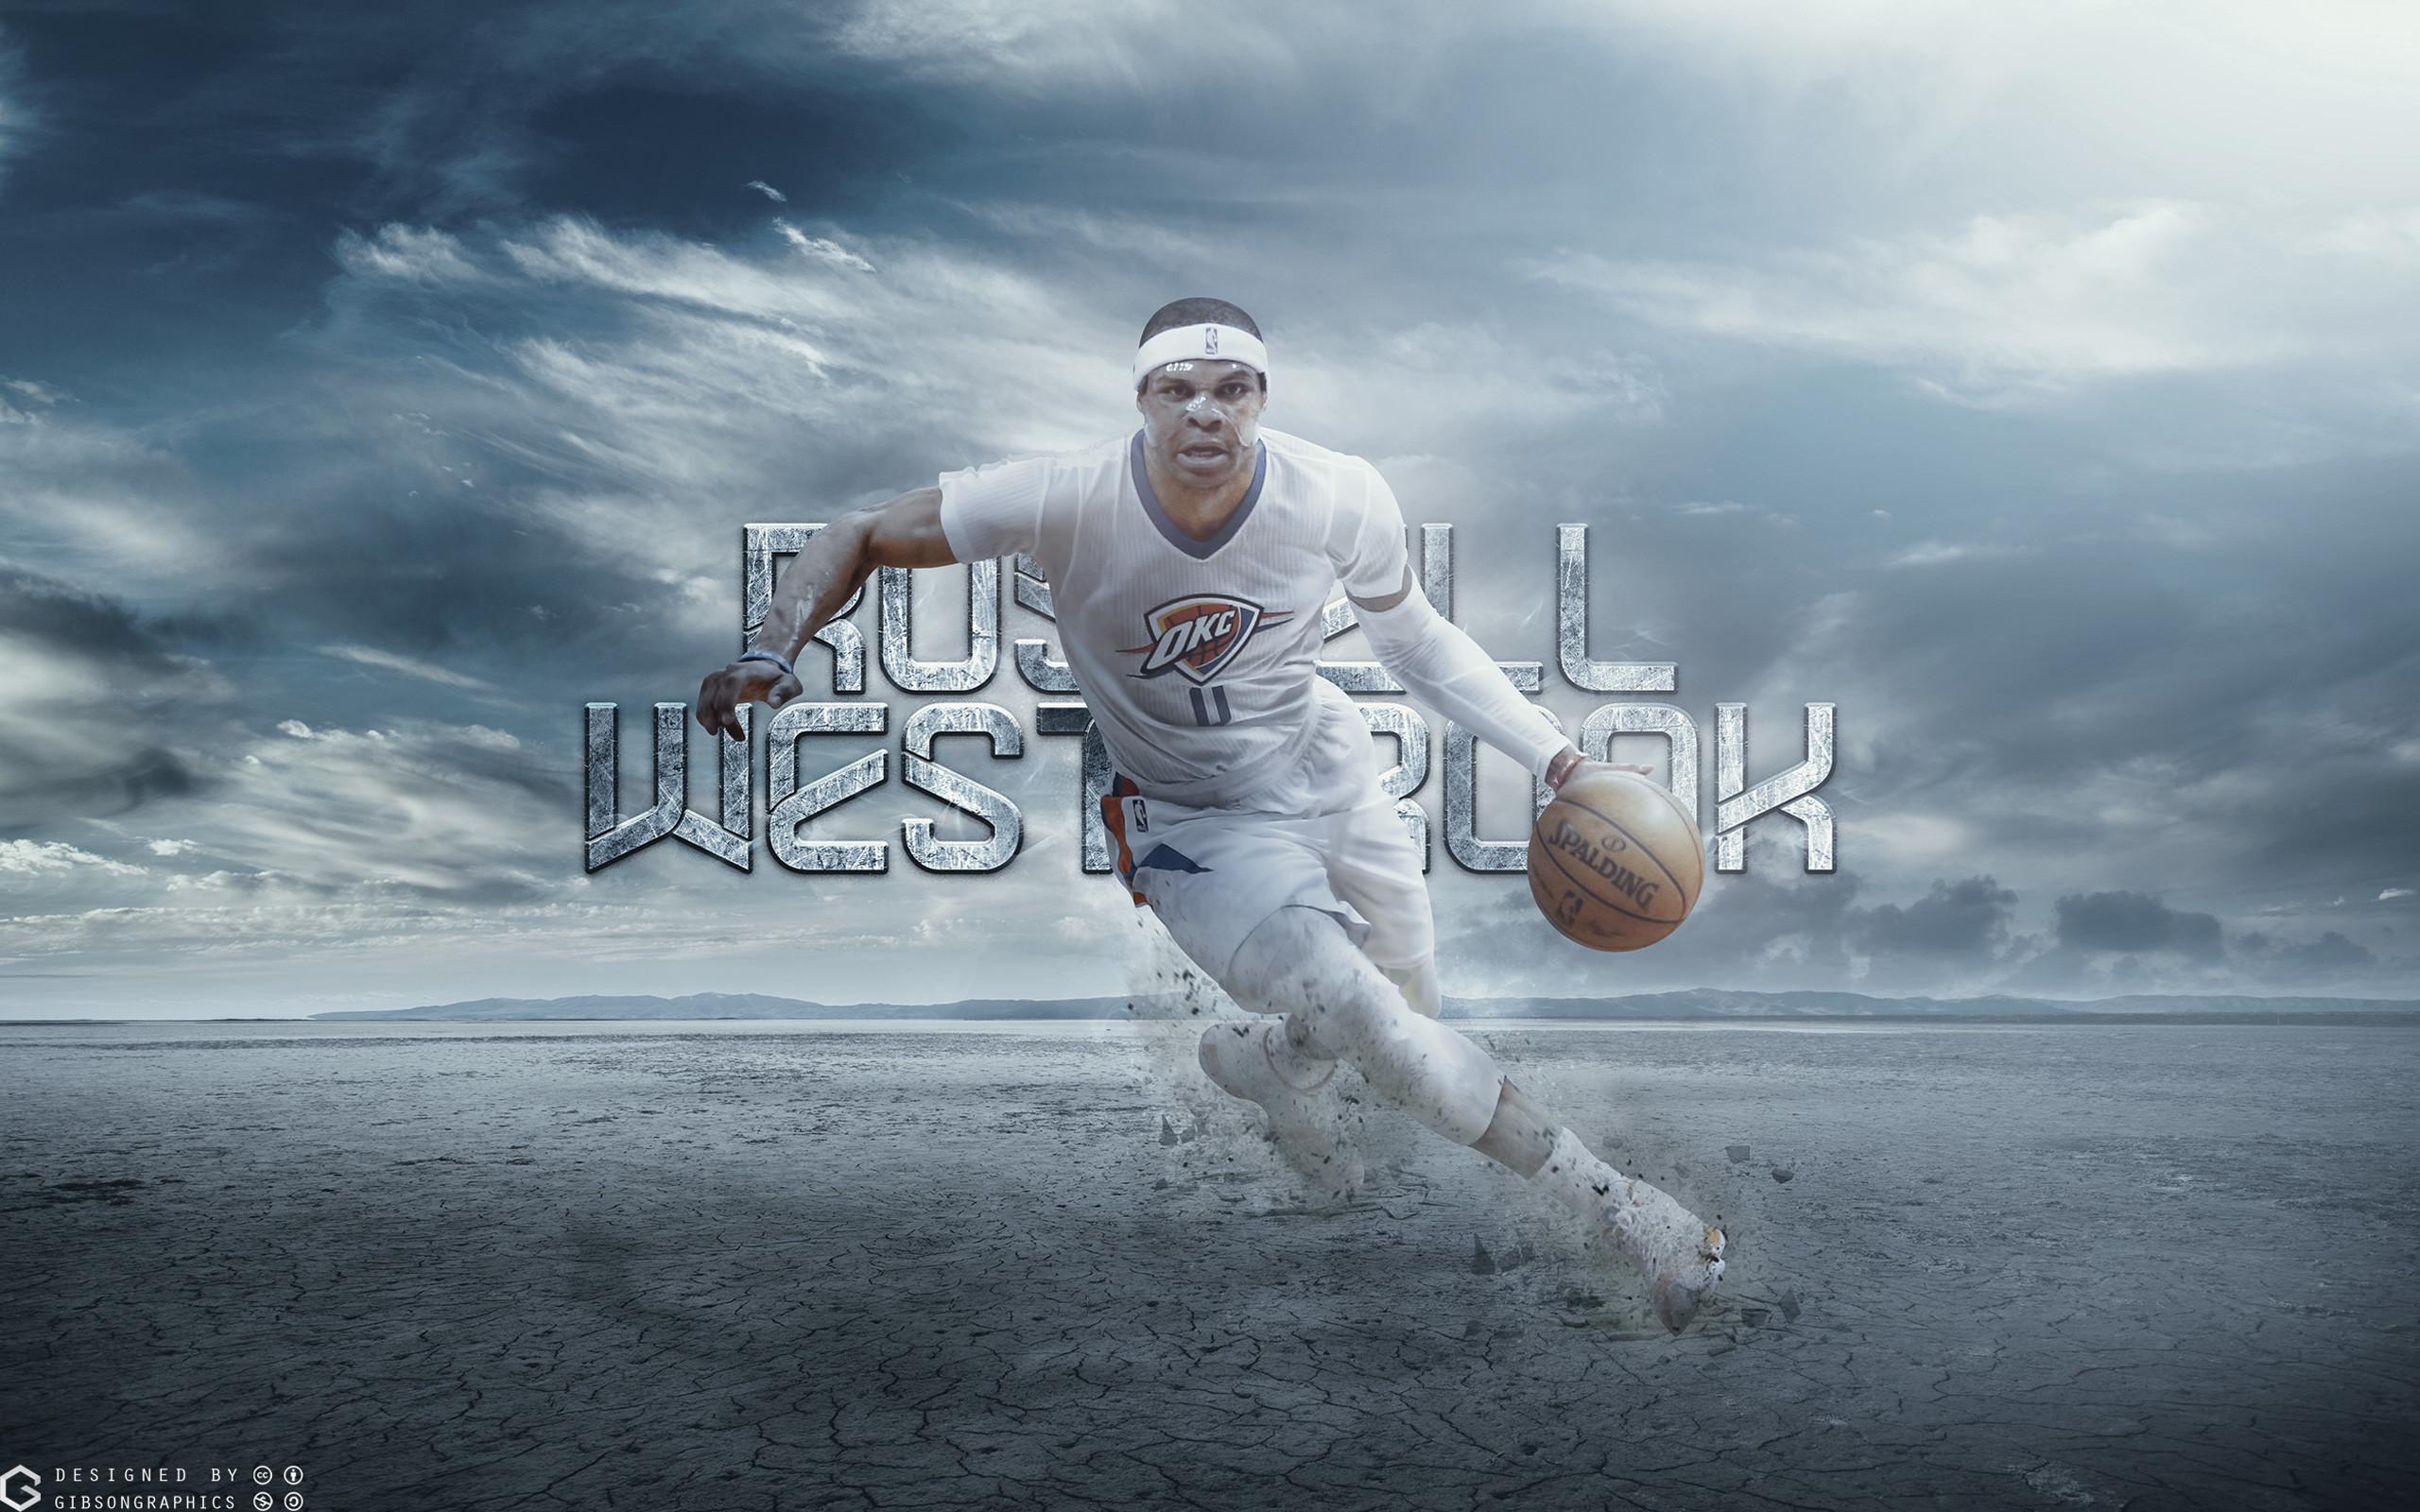 Russ Westbrook Thunder 2015 2560×1600 Wallpaper